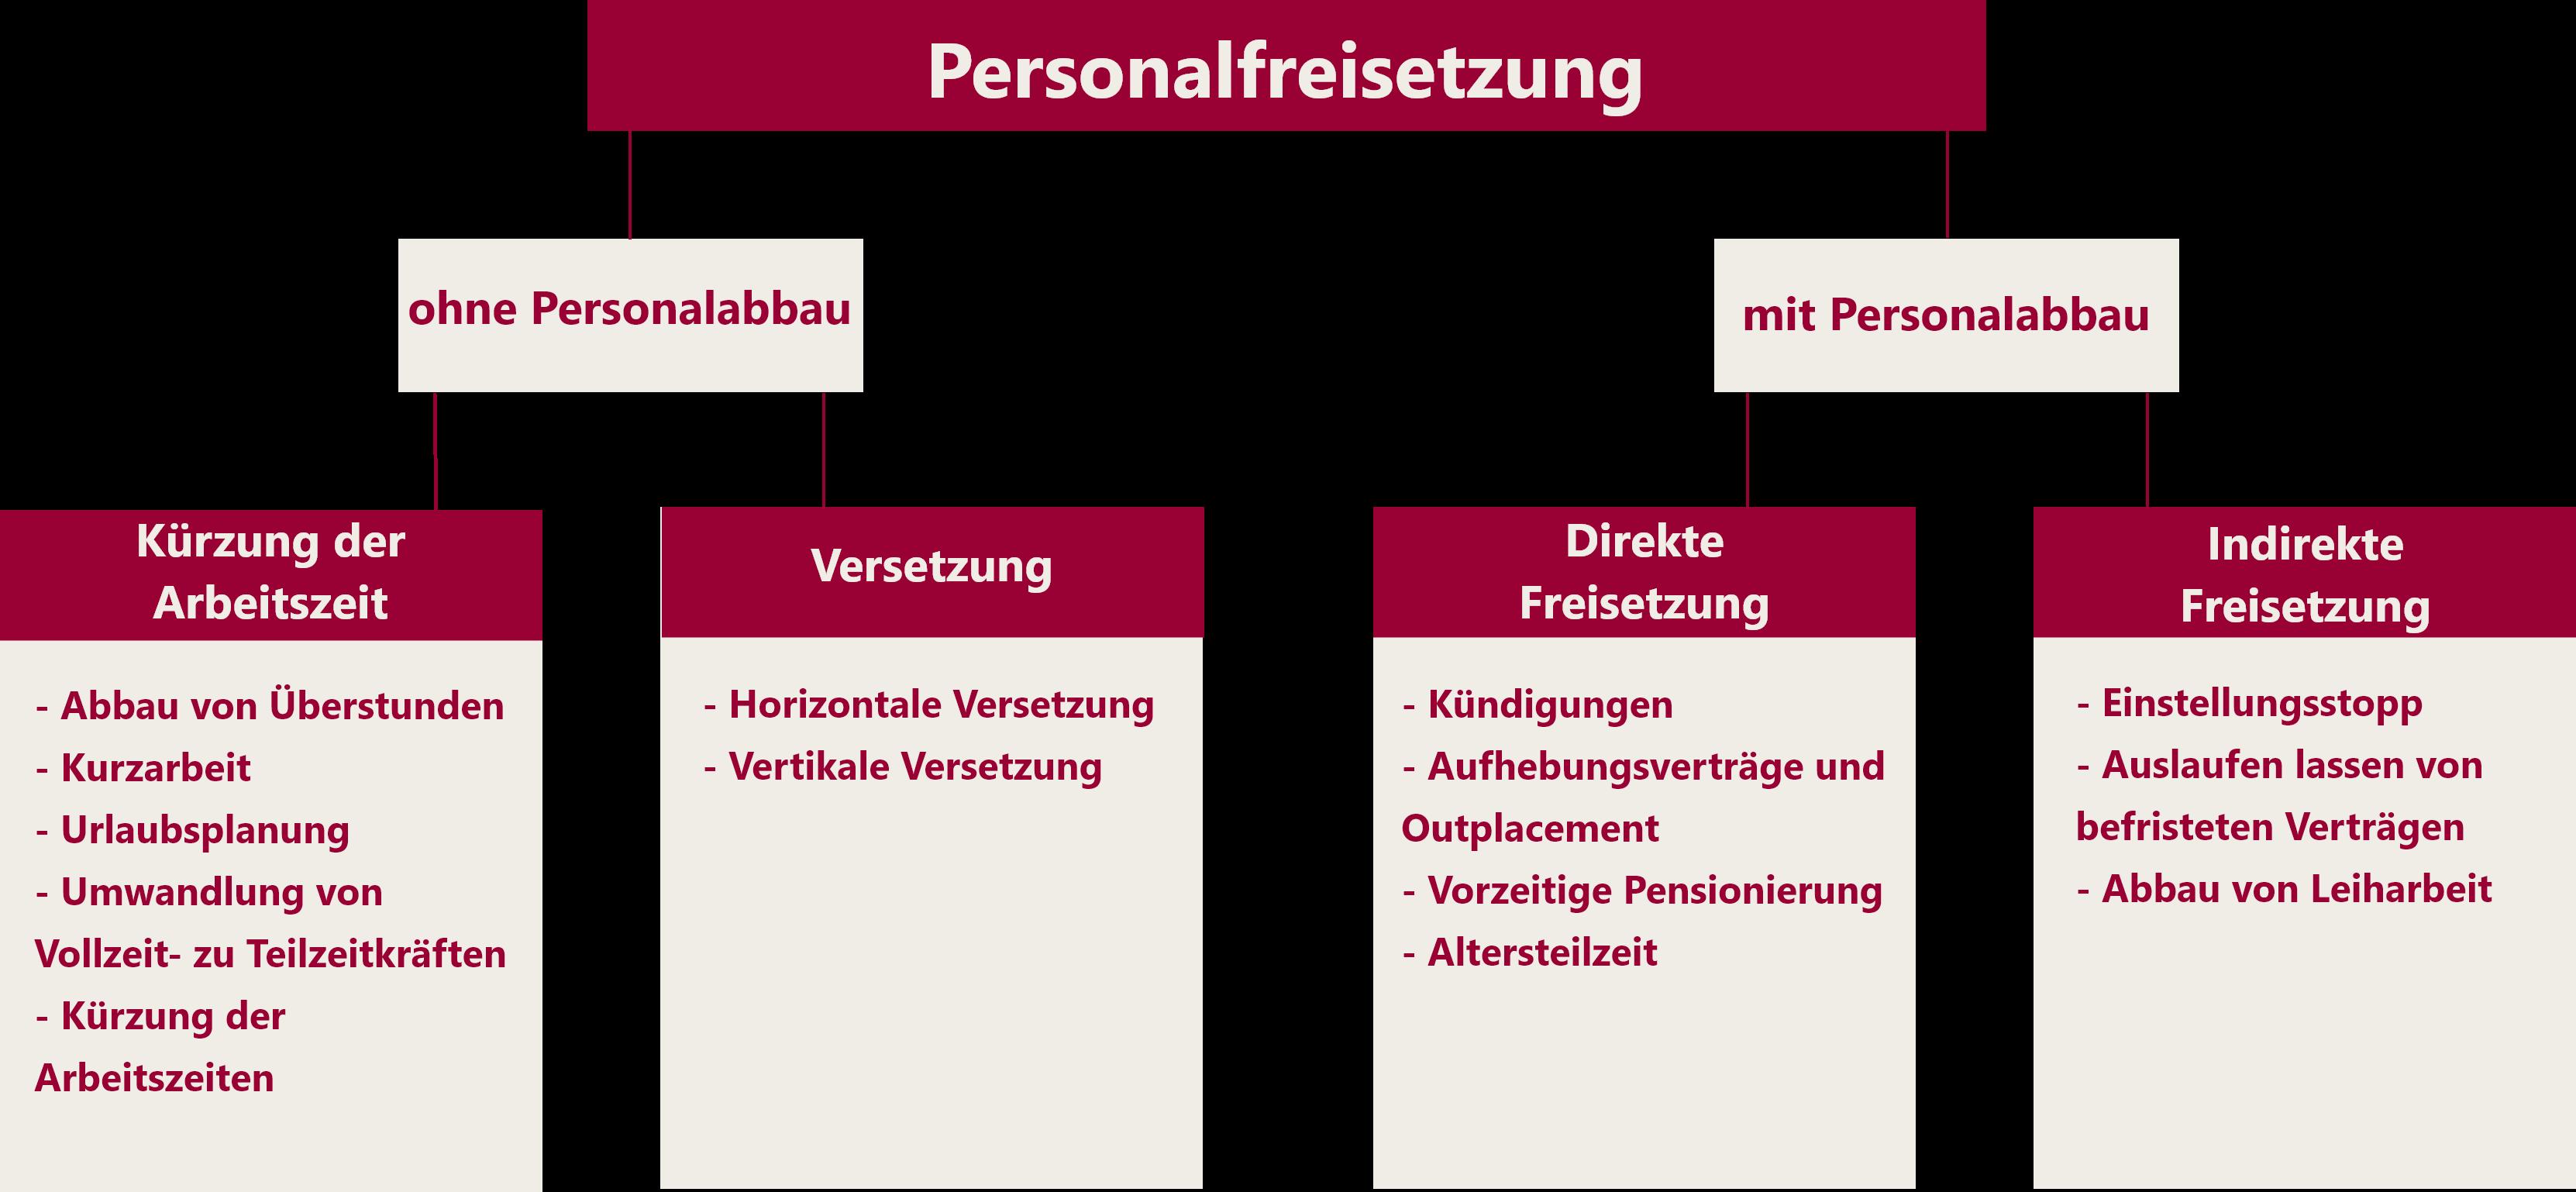 Die Maßnahmen der Personalfreisetzung nach Personalumbau und Personalabbau gegliedert.